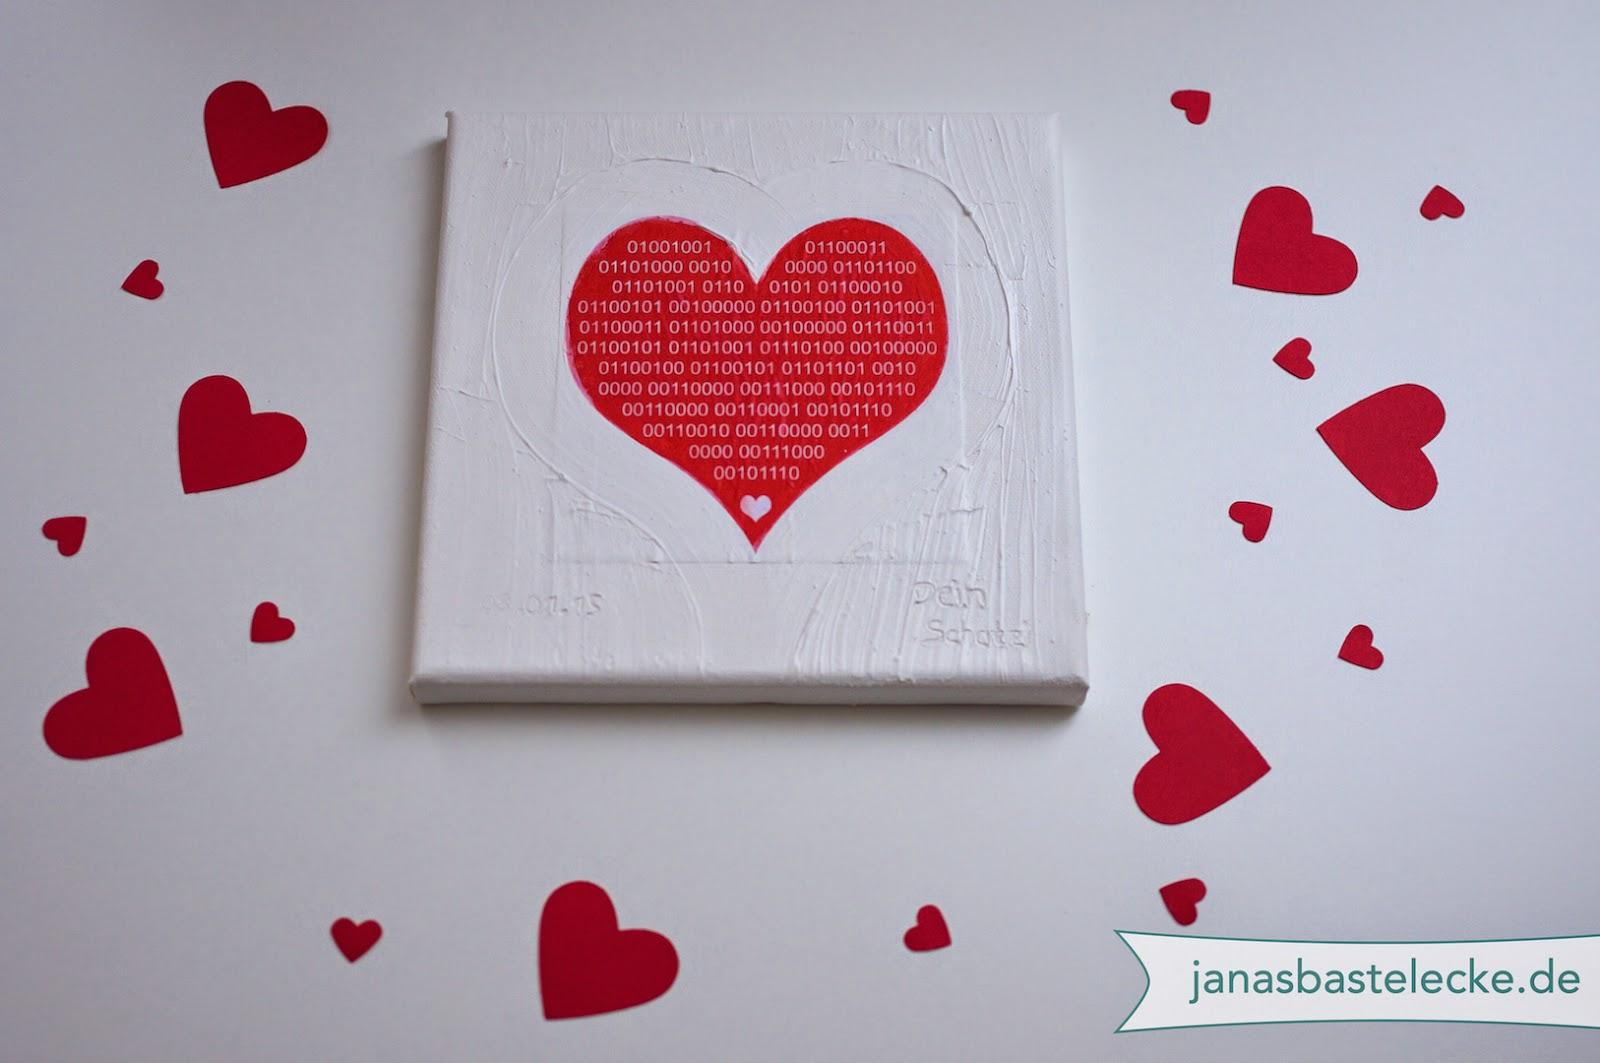 Janasbastelecke geschenk zum jahres valentins for Geschenk fa r freund selber machen